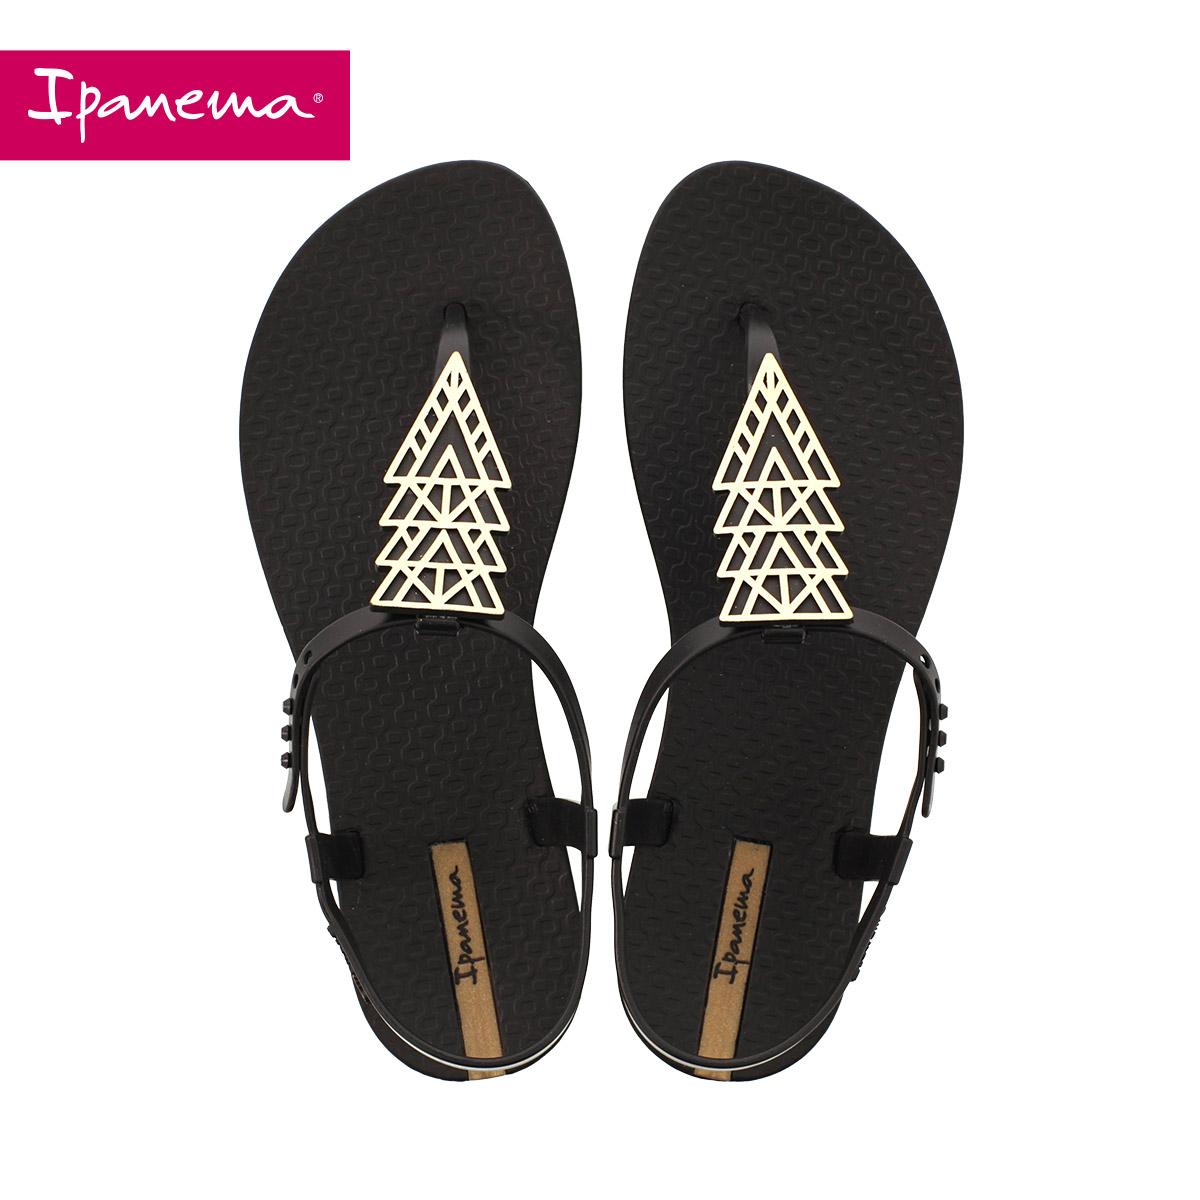 Ipanema 2017新款 璀璨系列夹脚凉鞋女士夏罗马平底沙滩鞋凉拖